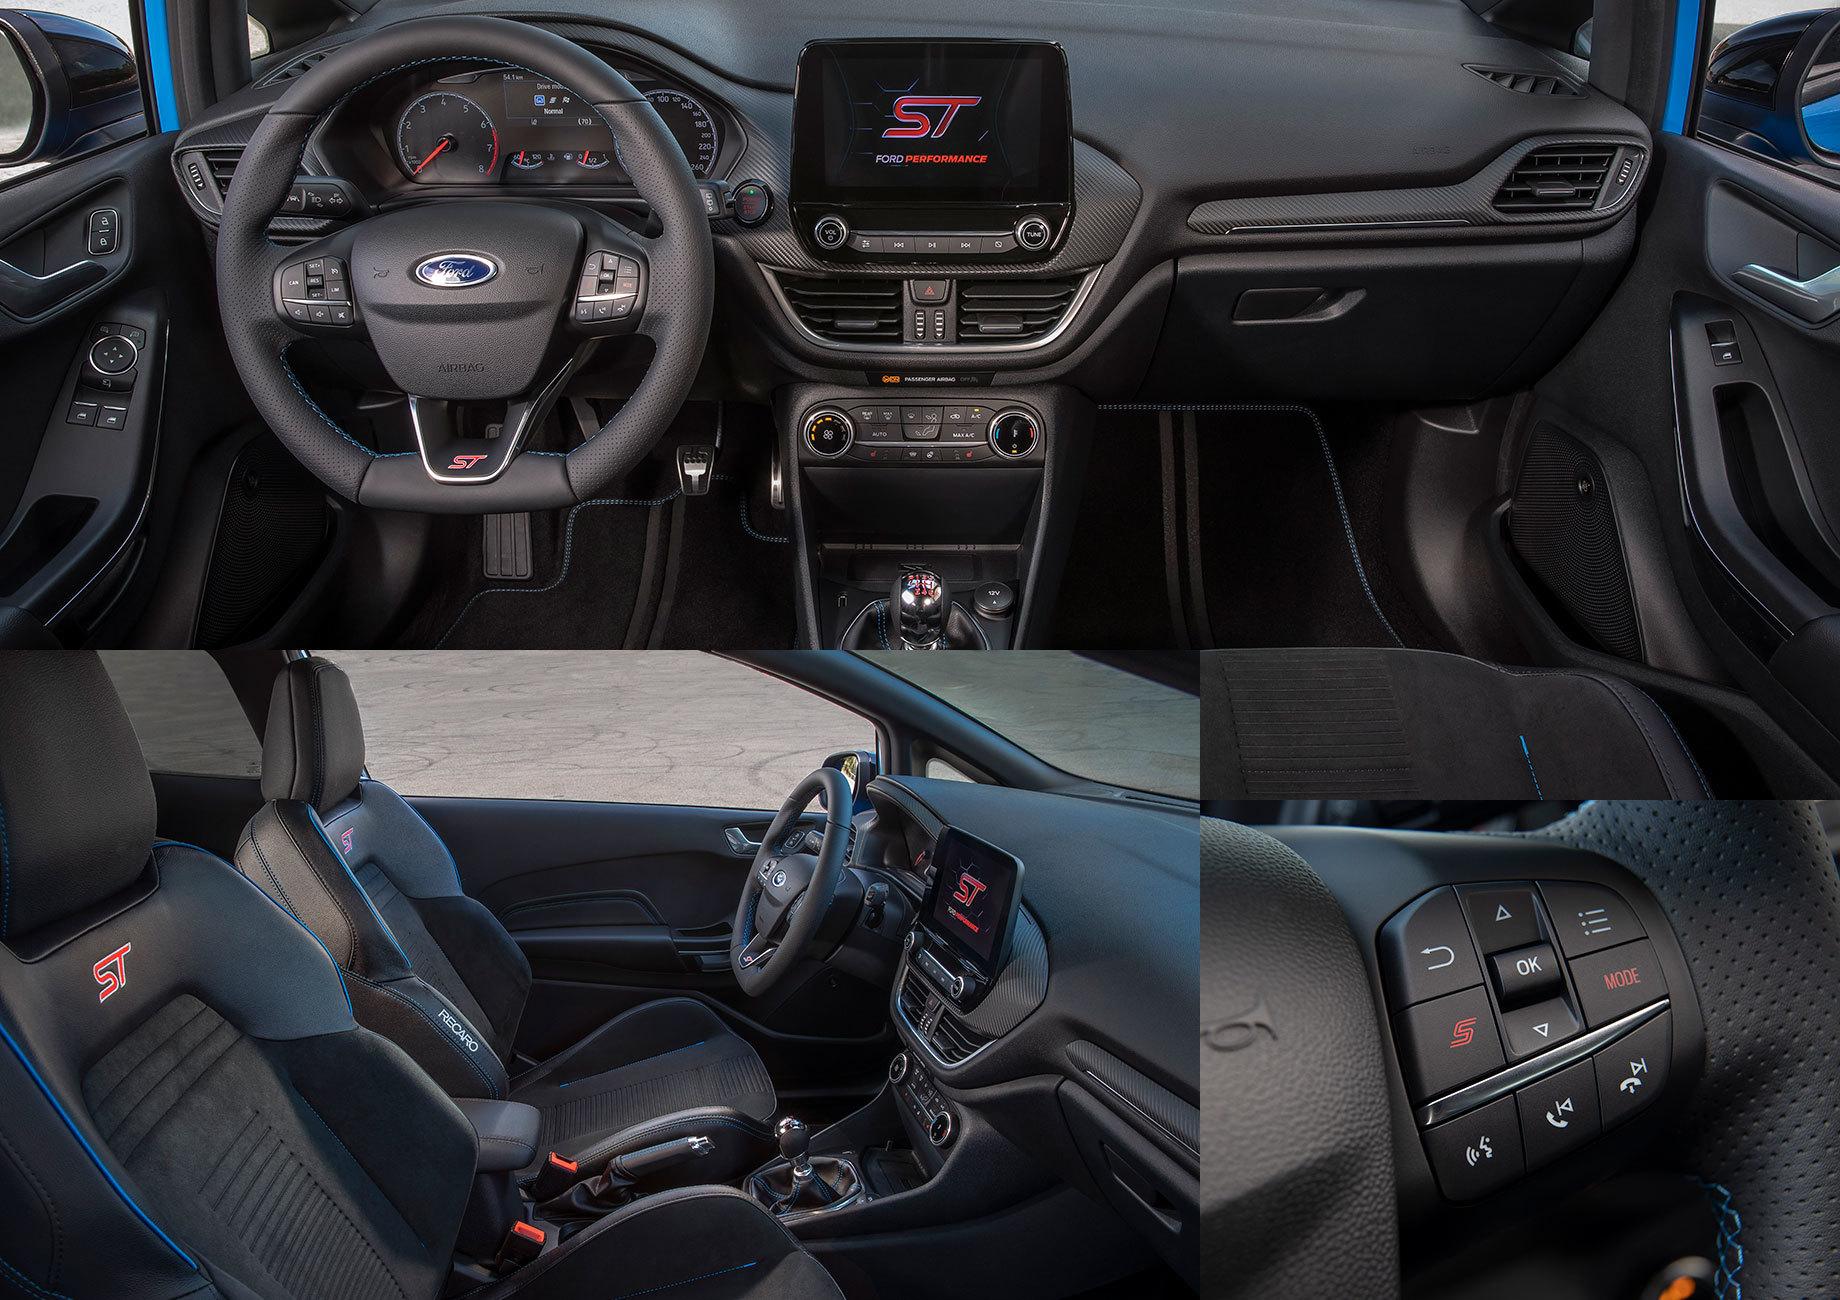 Ford Fiesta ST Edition запропонував ручну настройку підвіски